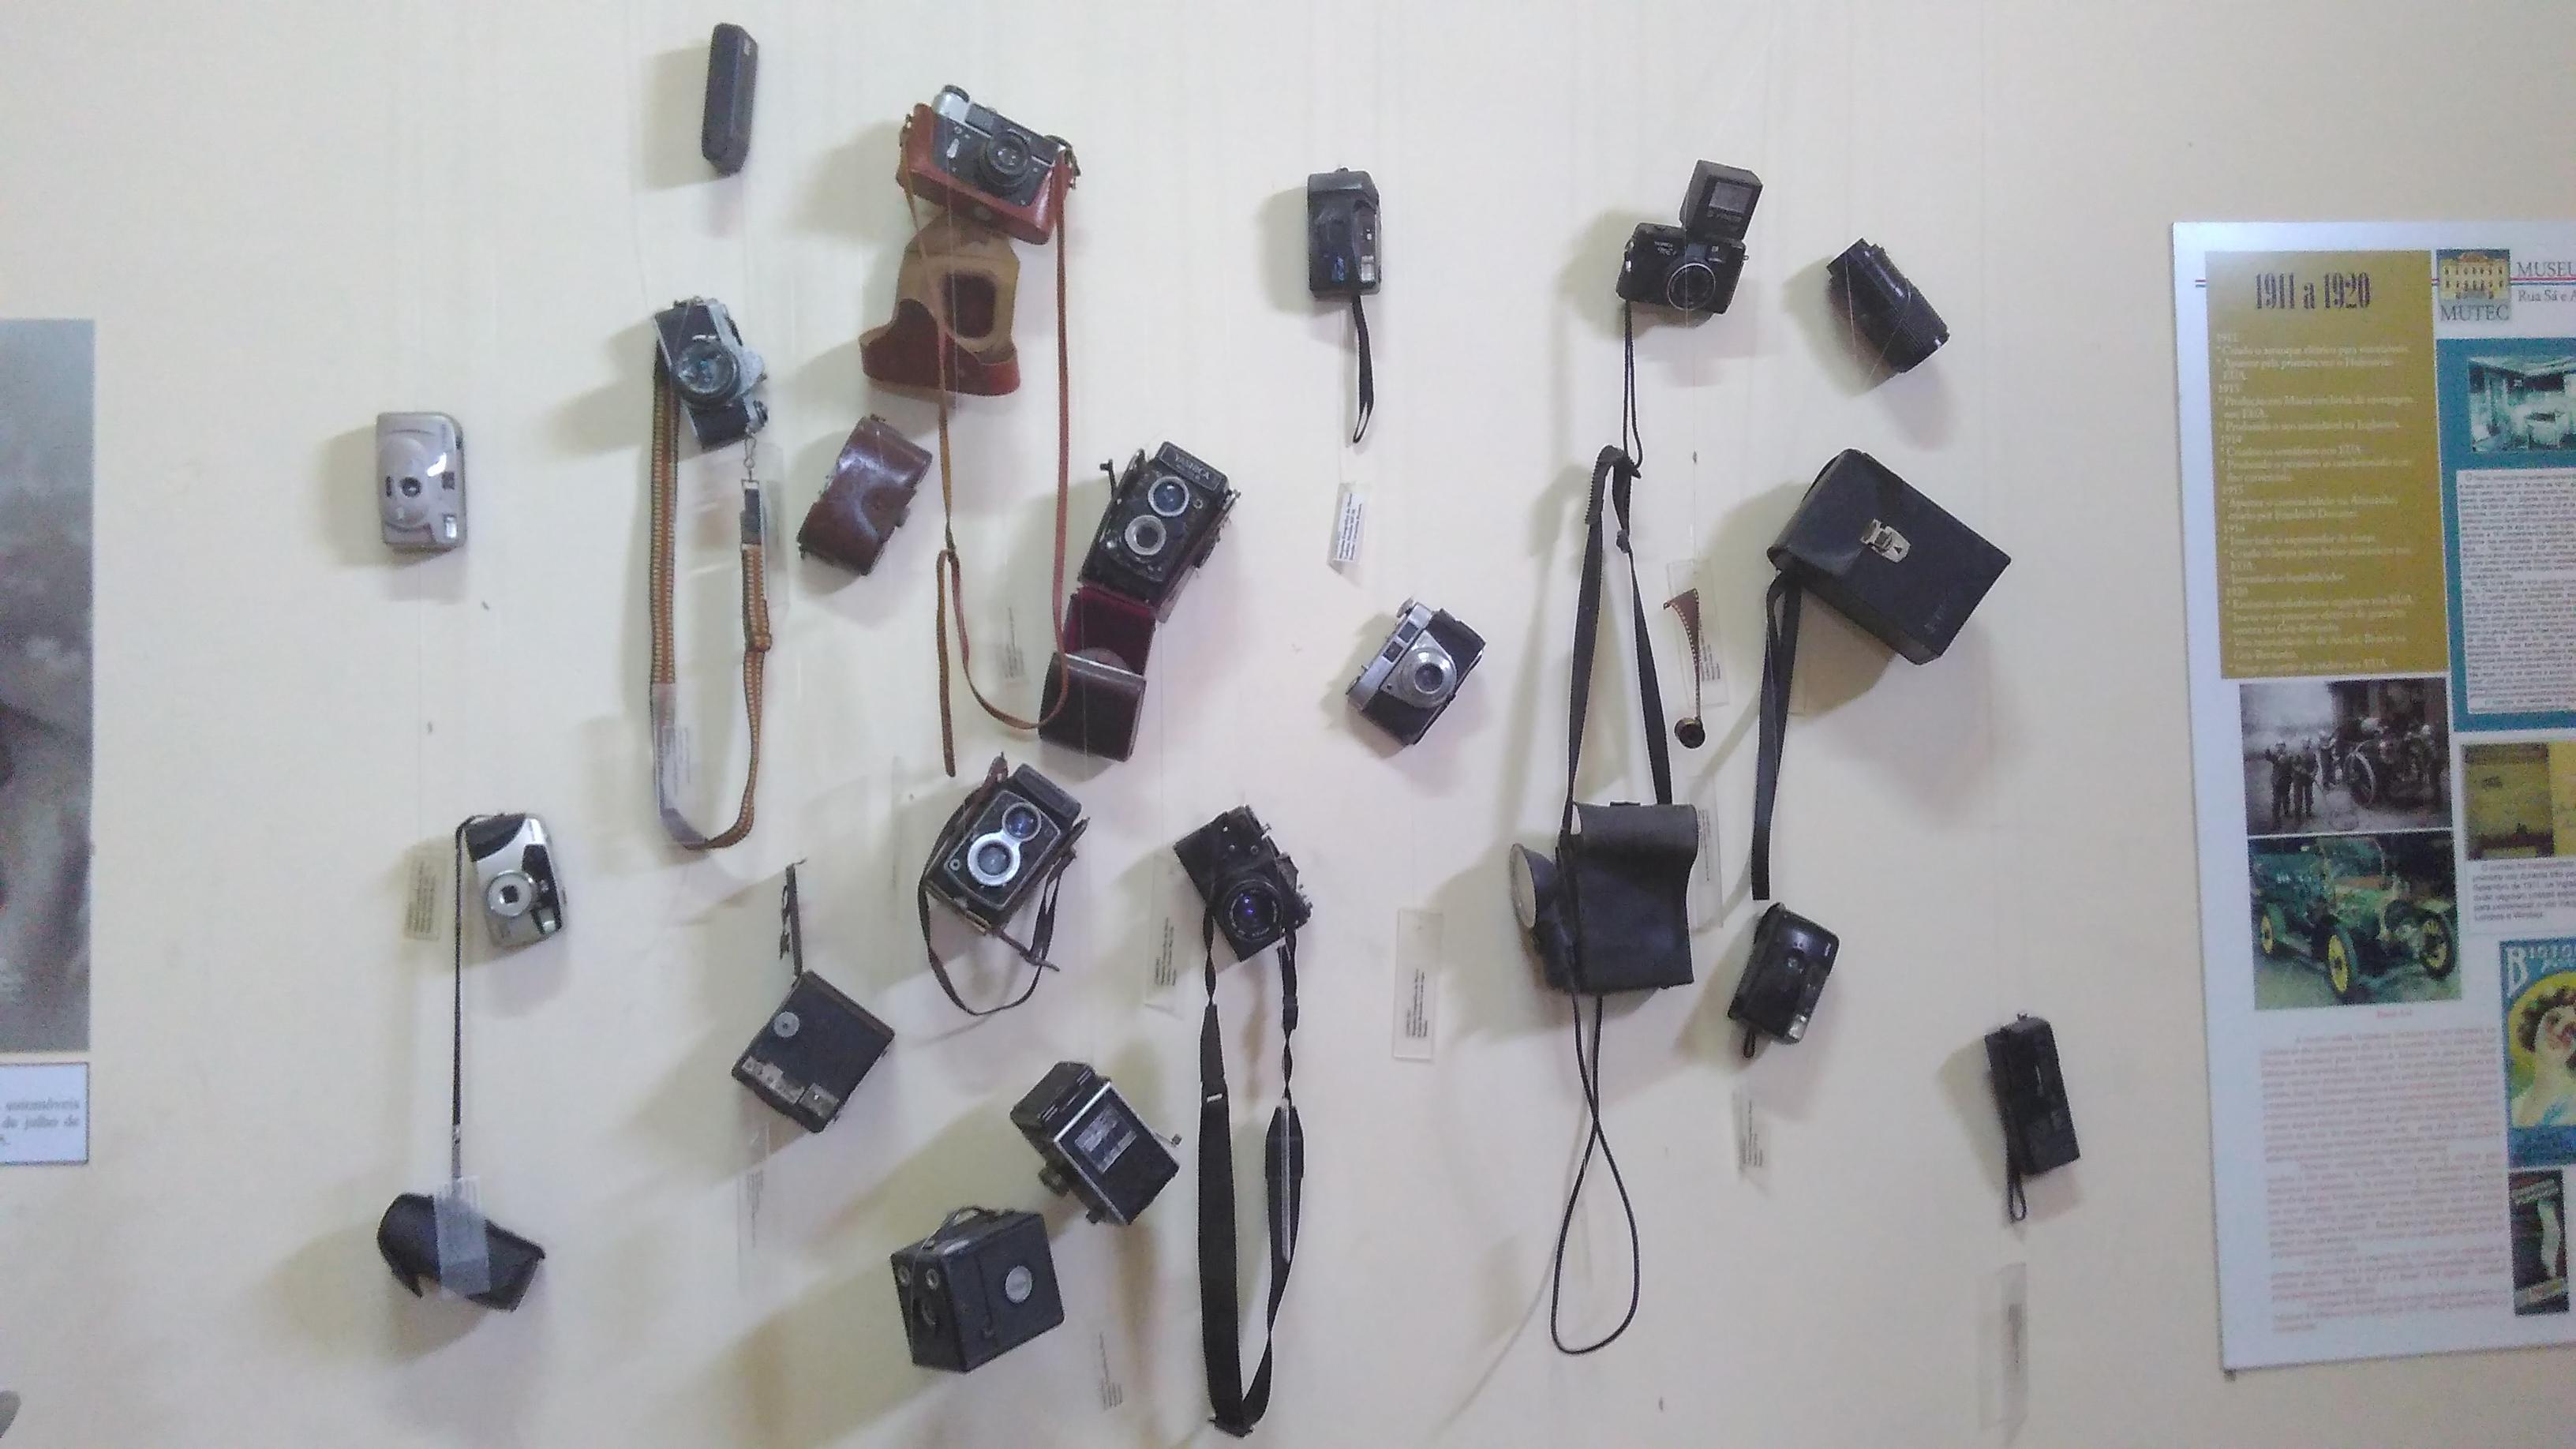 Museu da tecnologia do século XX na Associação Comercial de Maceió, no bairro de Jaraguá Alagoas